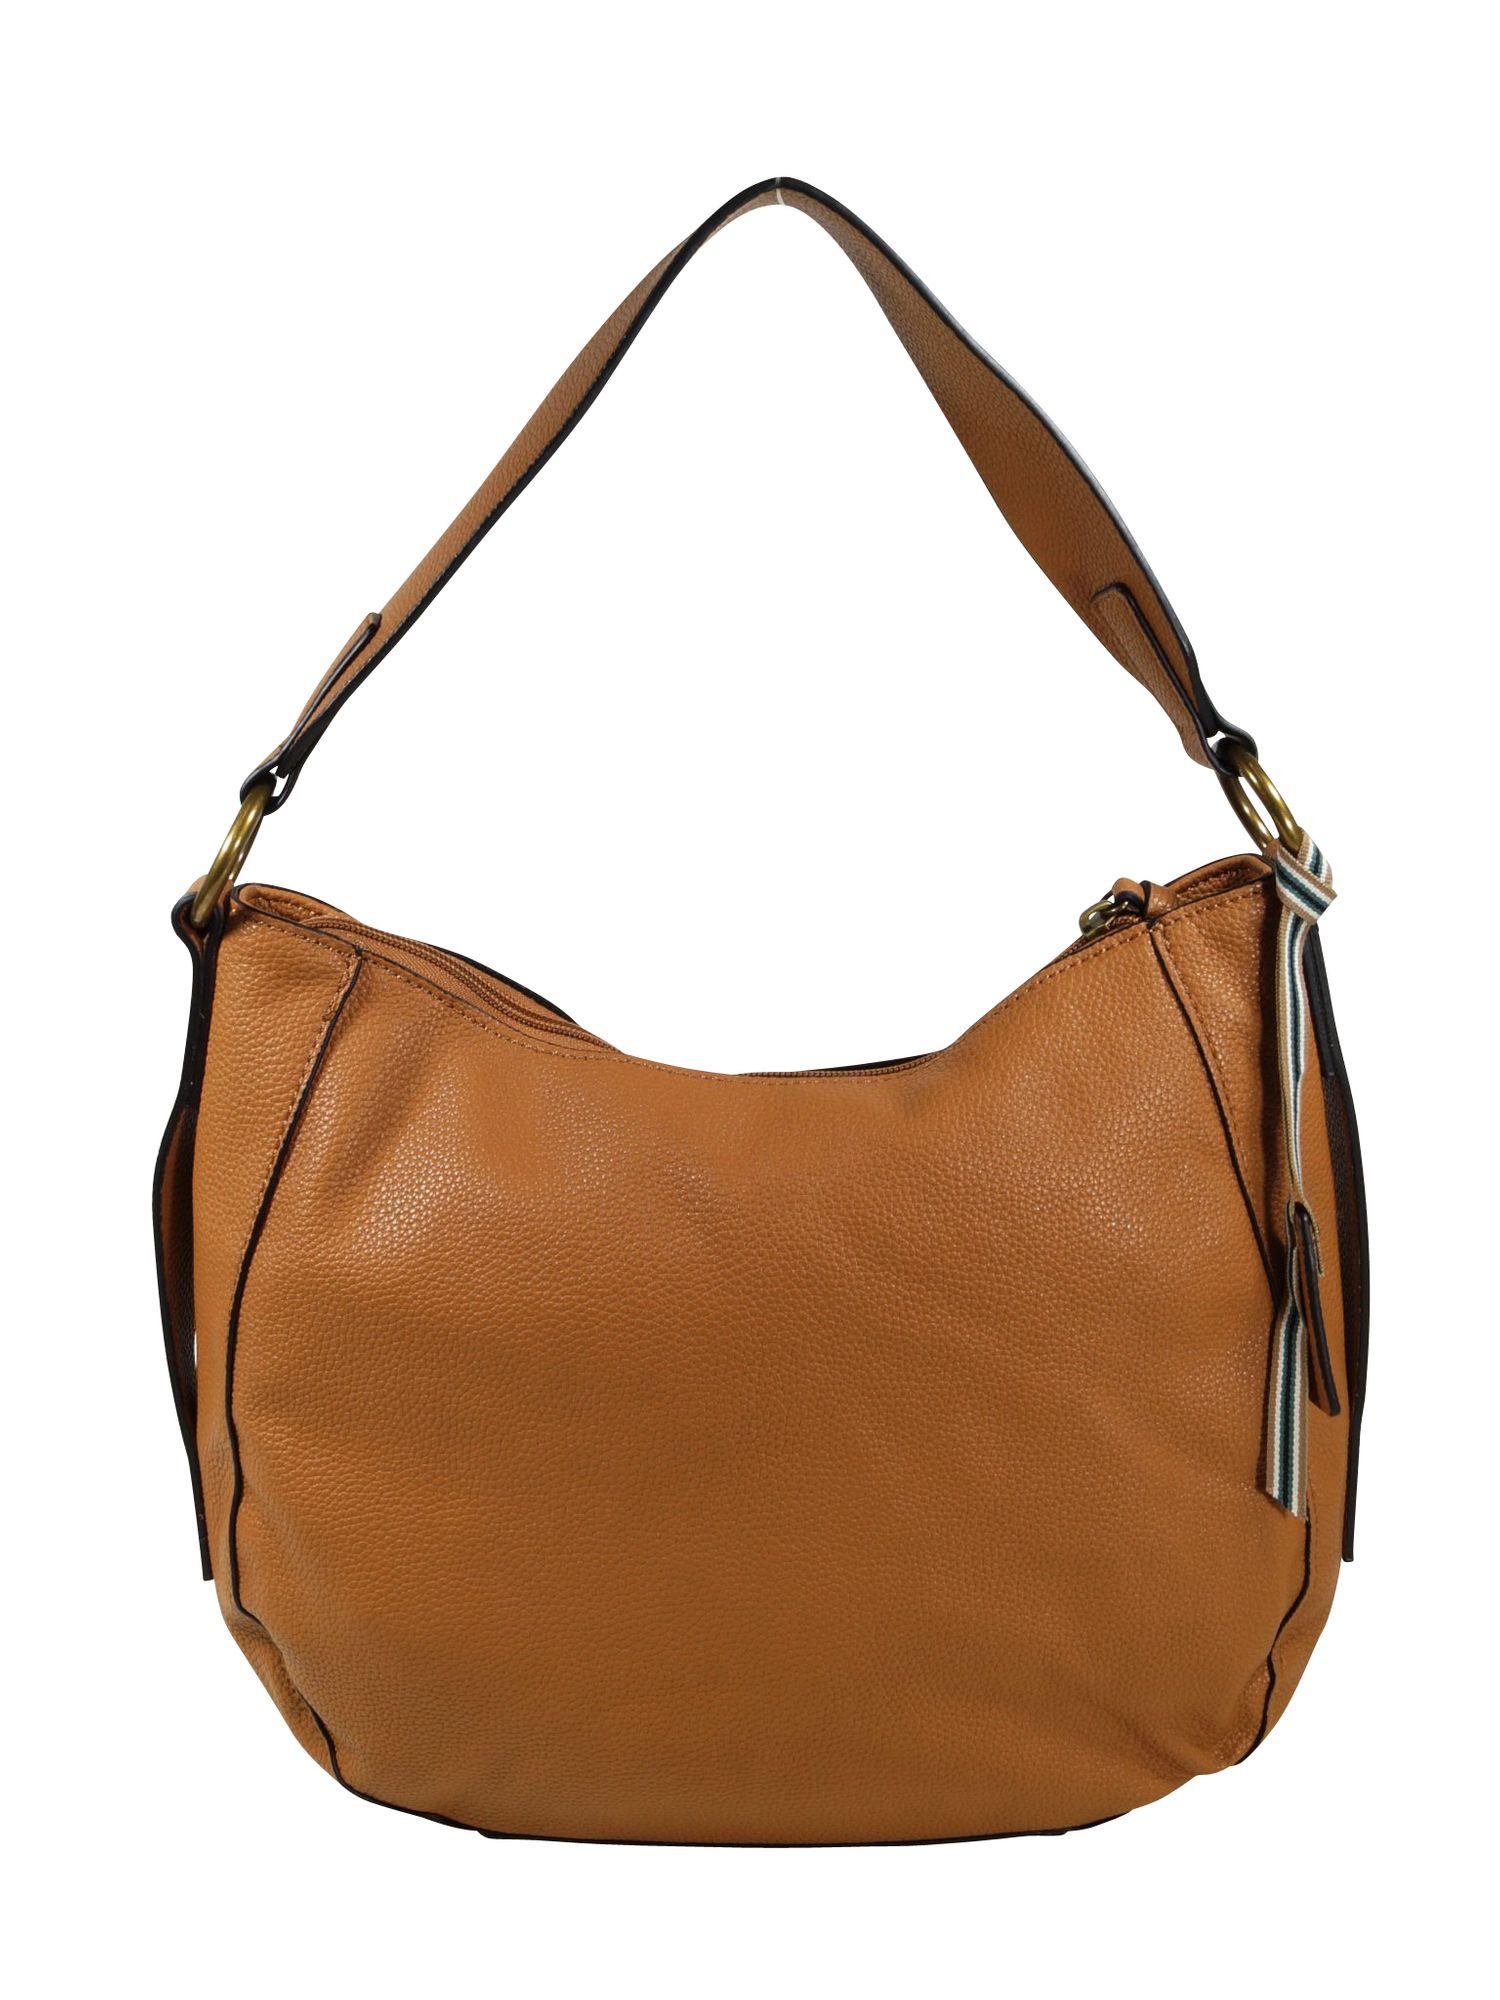 weltweit bekannt bis zu 60% sparen Herbst Schuhe Esprit Damen Handtasche Tasche Henkeltasche Kiki Hobo Bag Braun